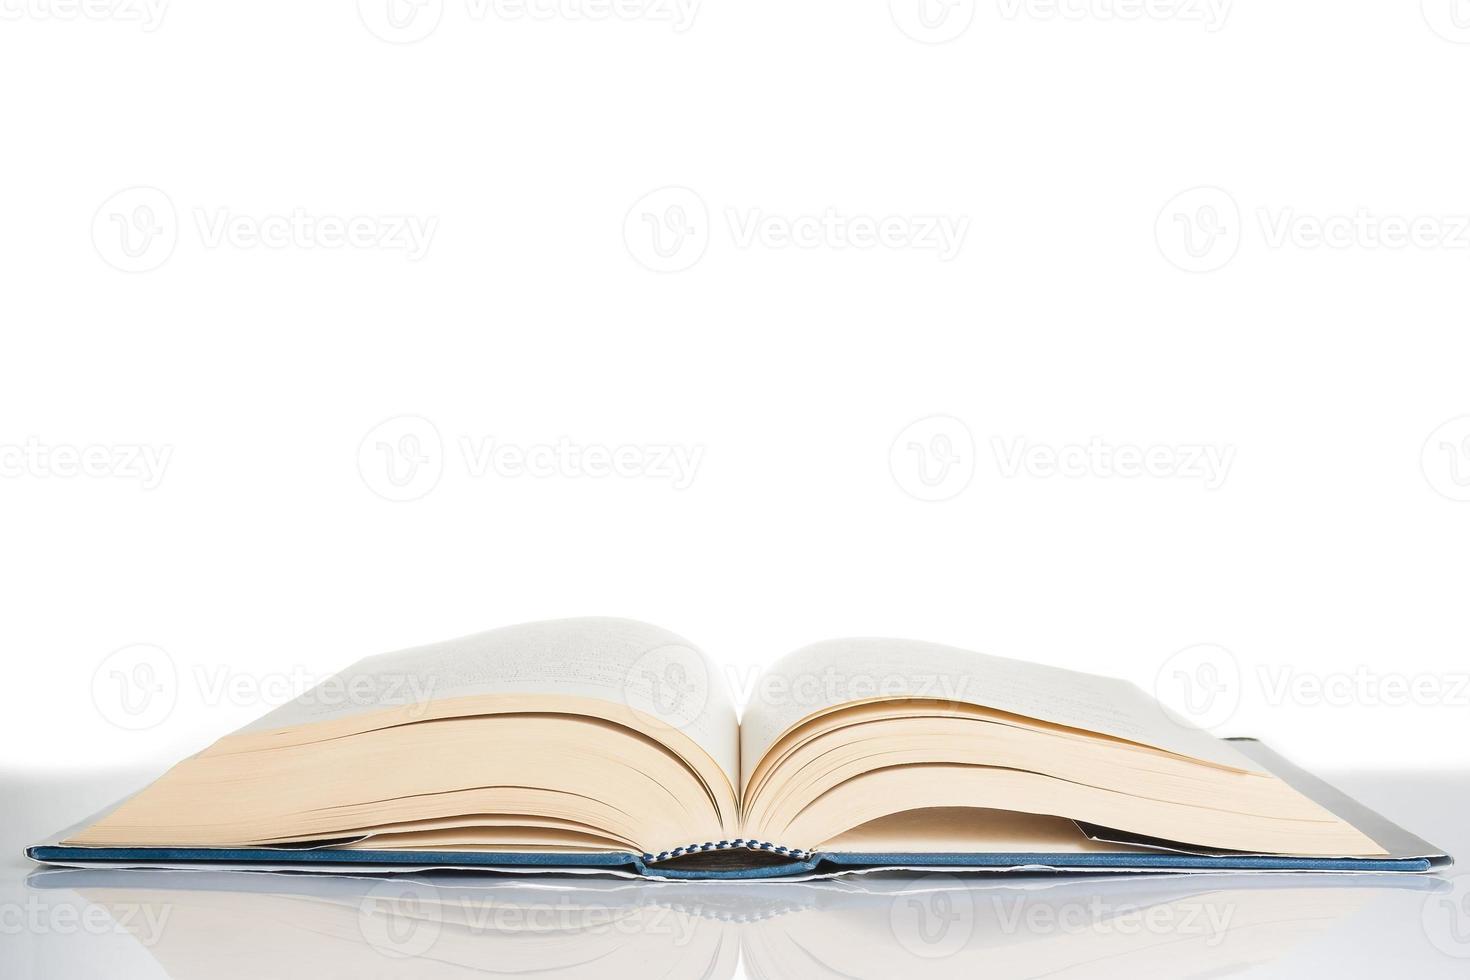 libro isolato sul tavolo, concetto di cultura con spazio per il testo foto